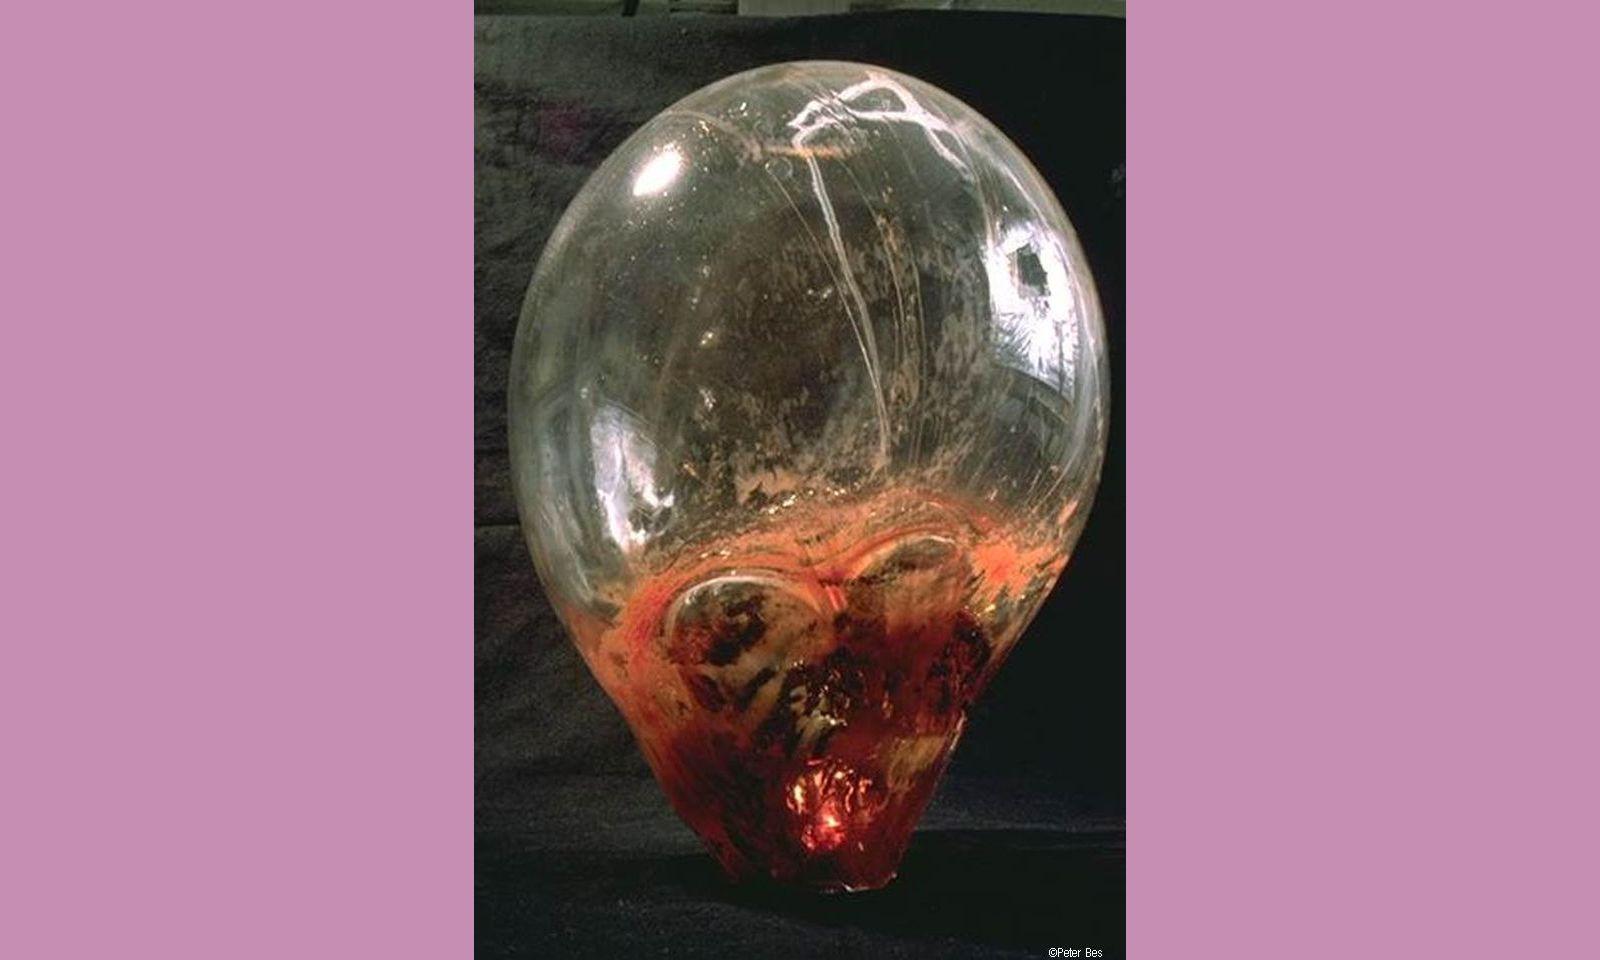 Peter Bes - Gegoten en geblazen glas 06b